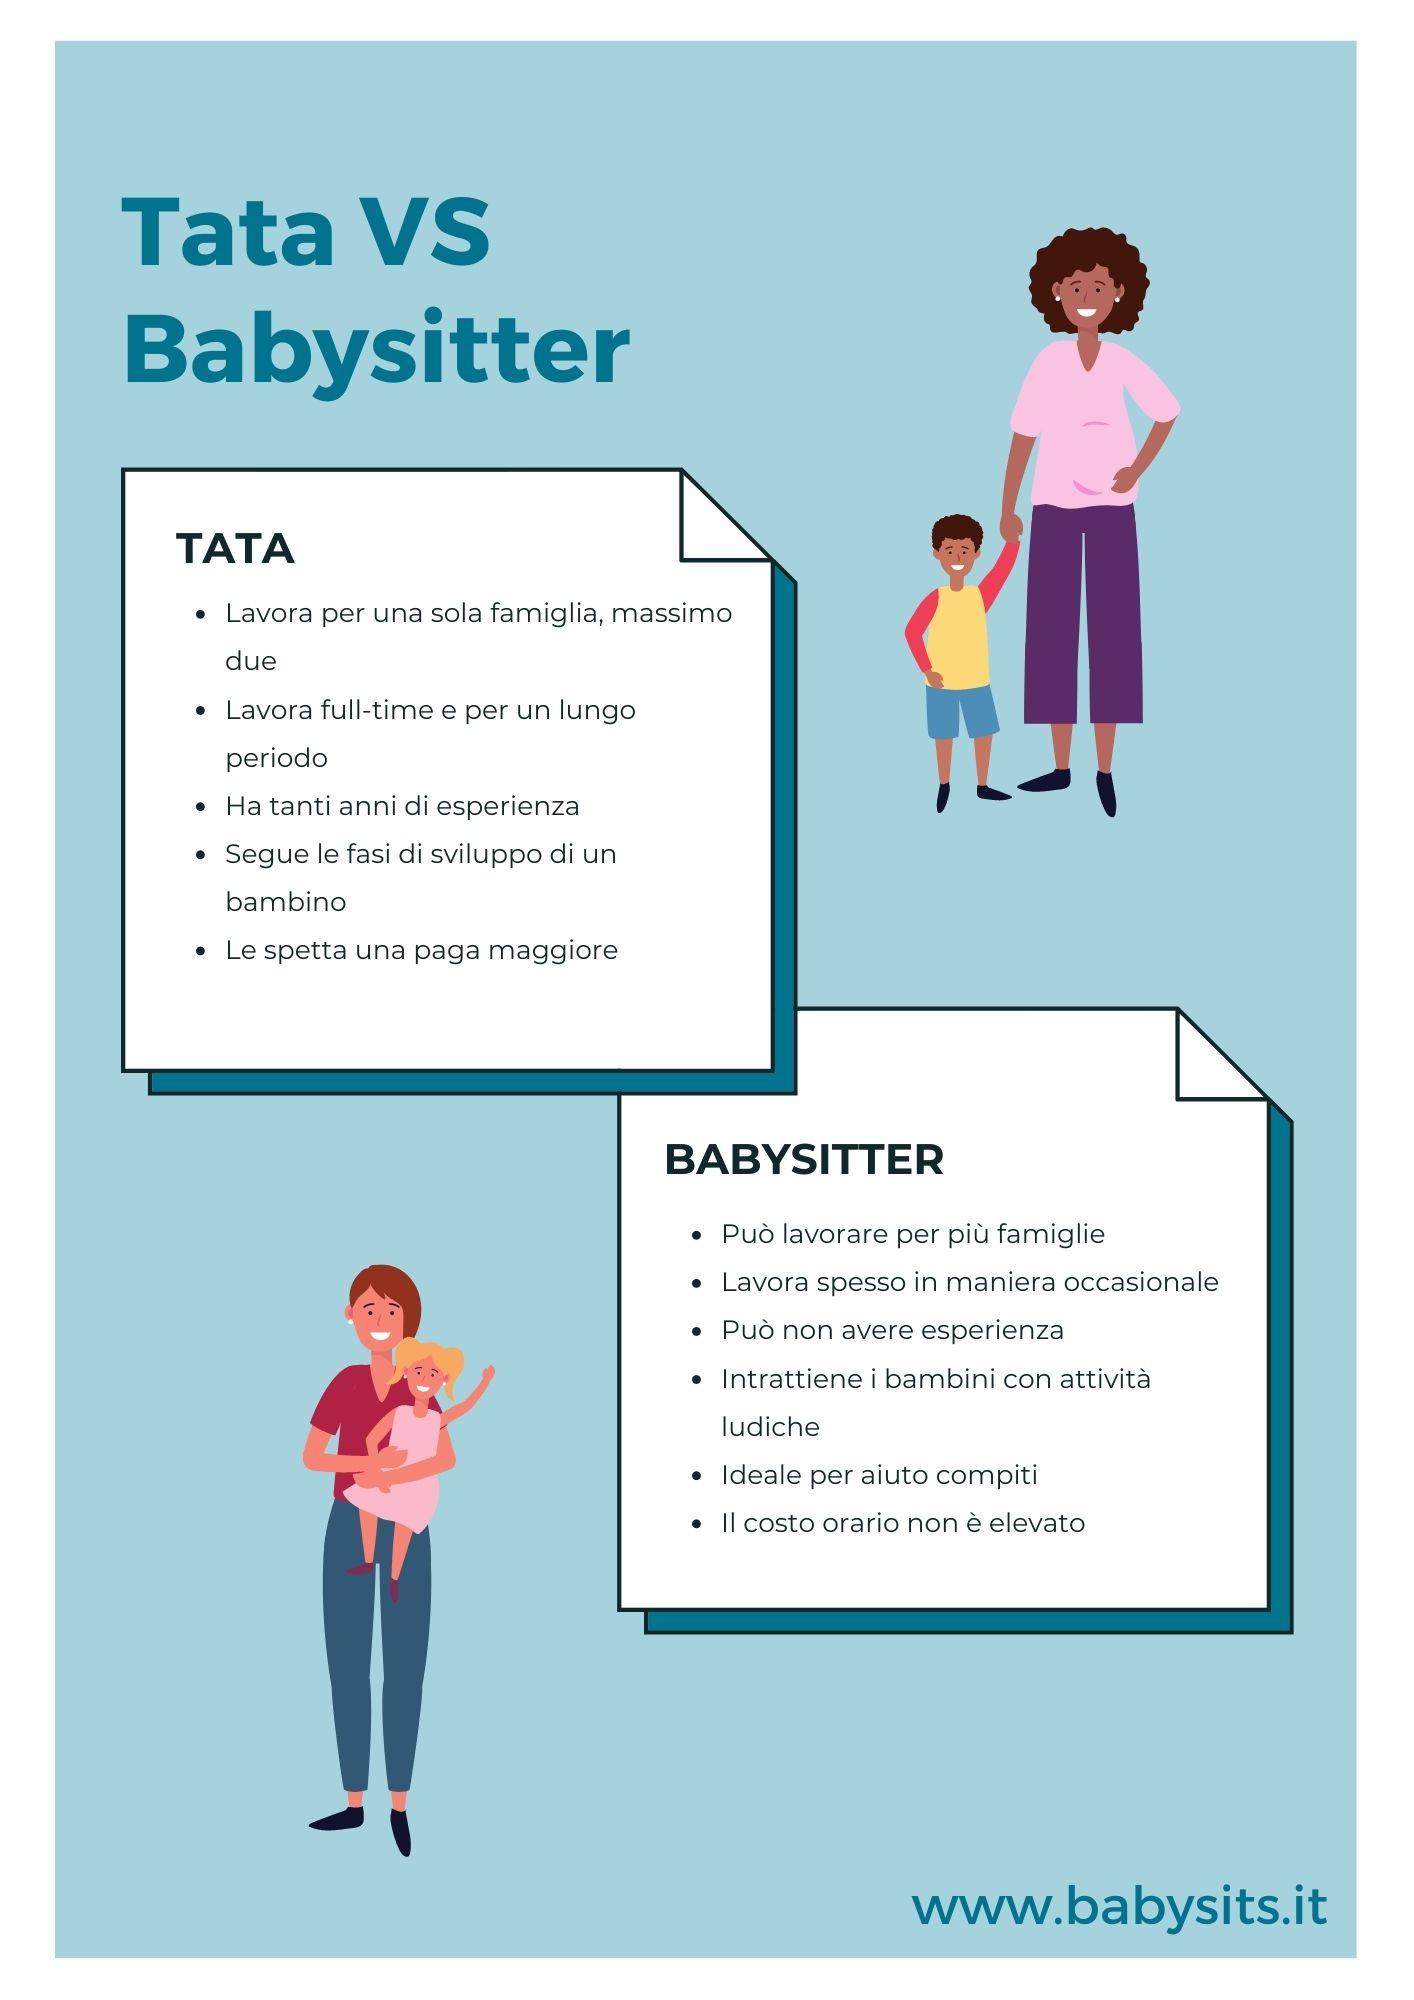 Chi è la tata e che differenza c'è tra tata e baby sitter?